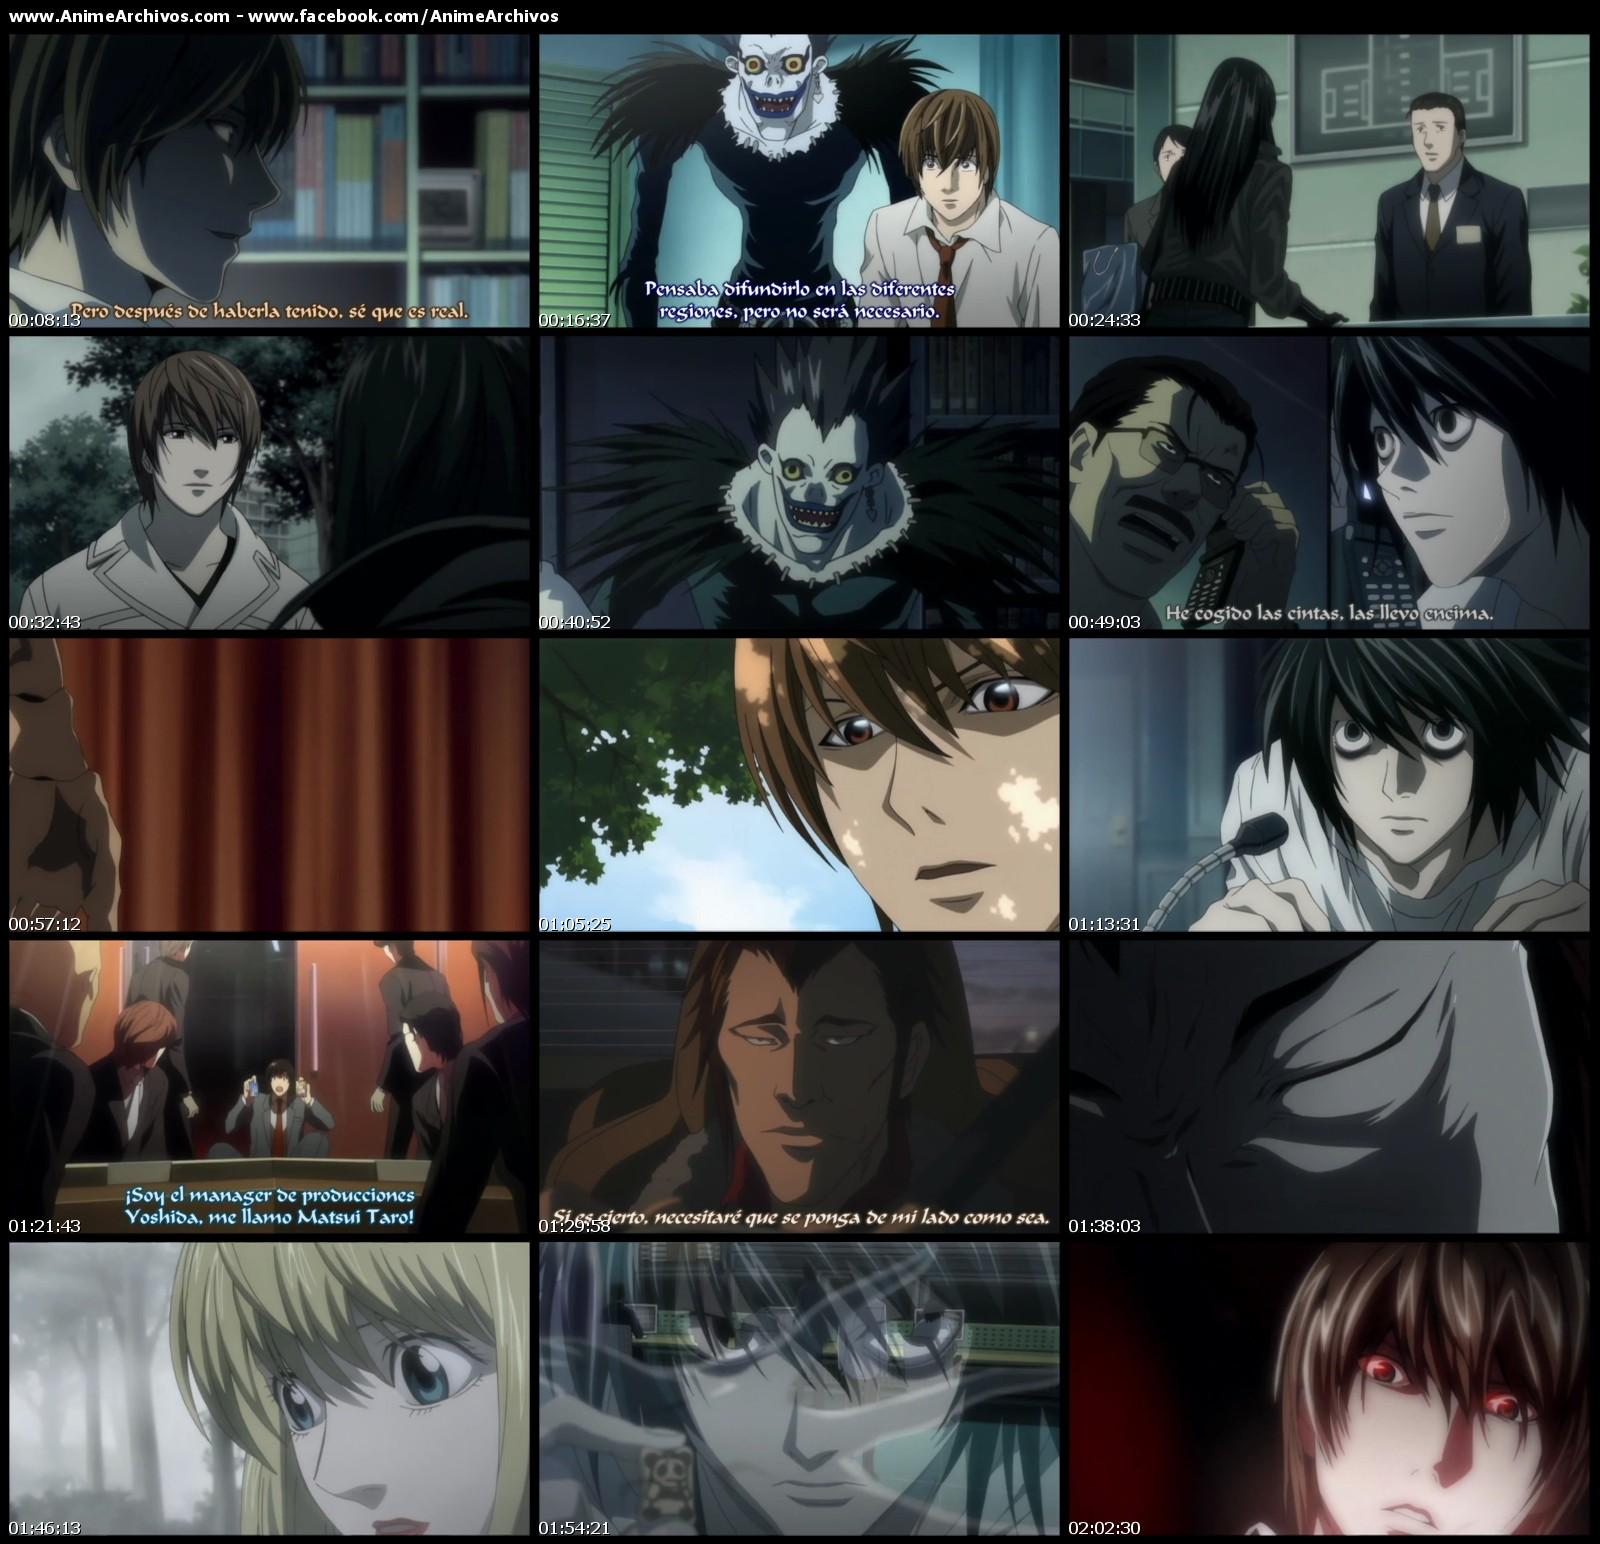 Death Note 720p: Death Note Rewrite Especiales Sub Español [HD